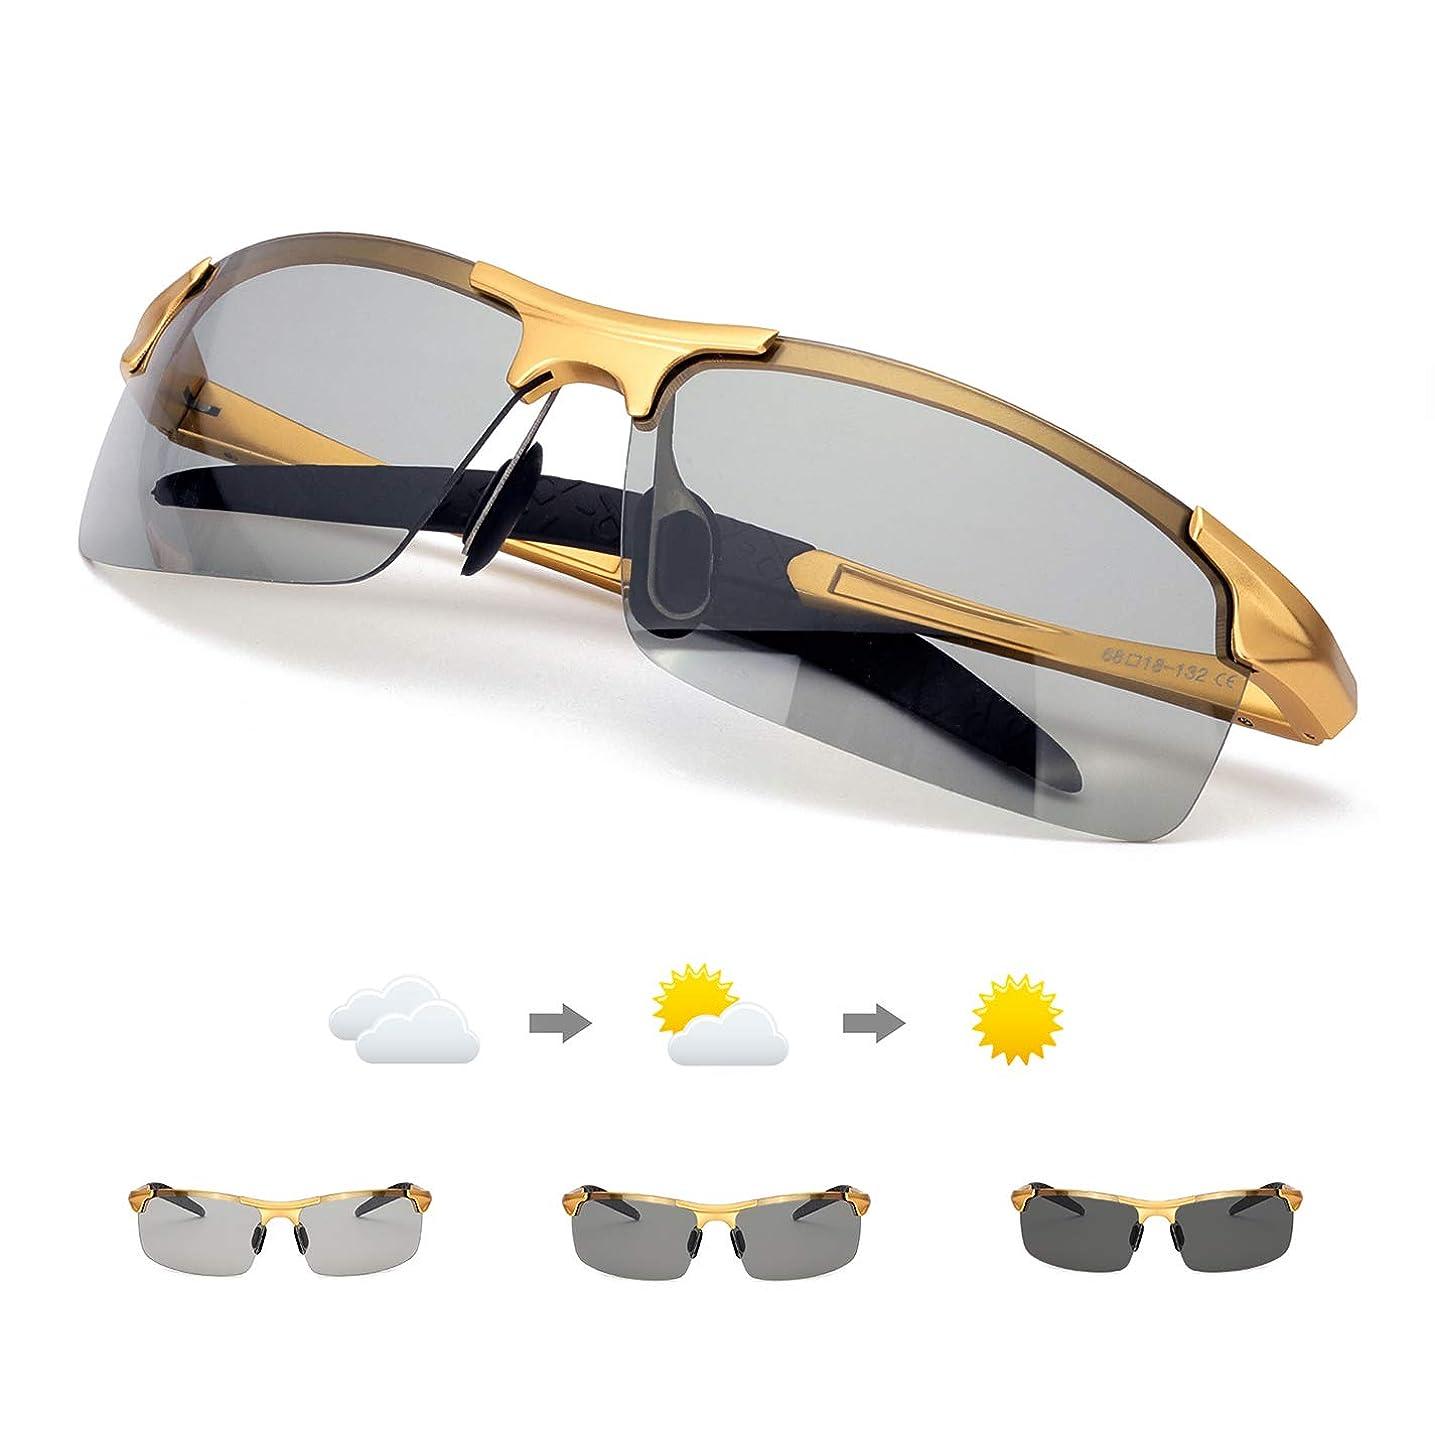 愛情深い免疫するスイングEnafad 変色調光サングラス メンズ 超軽量 AL-MGフレーム 運転用 調光偏光 スポー サングラス 紫外線カット